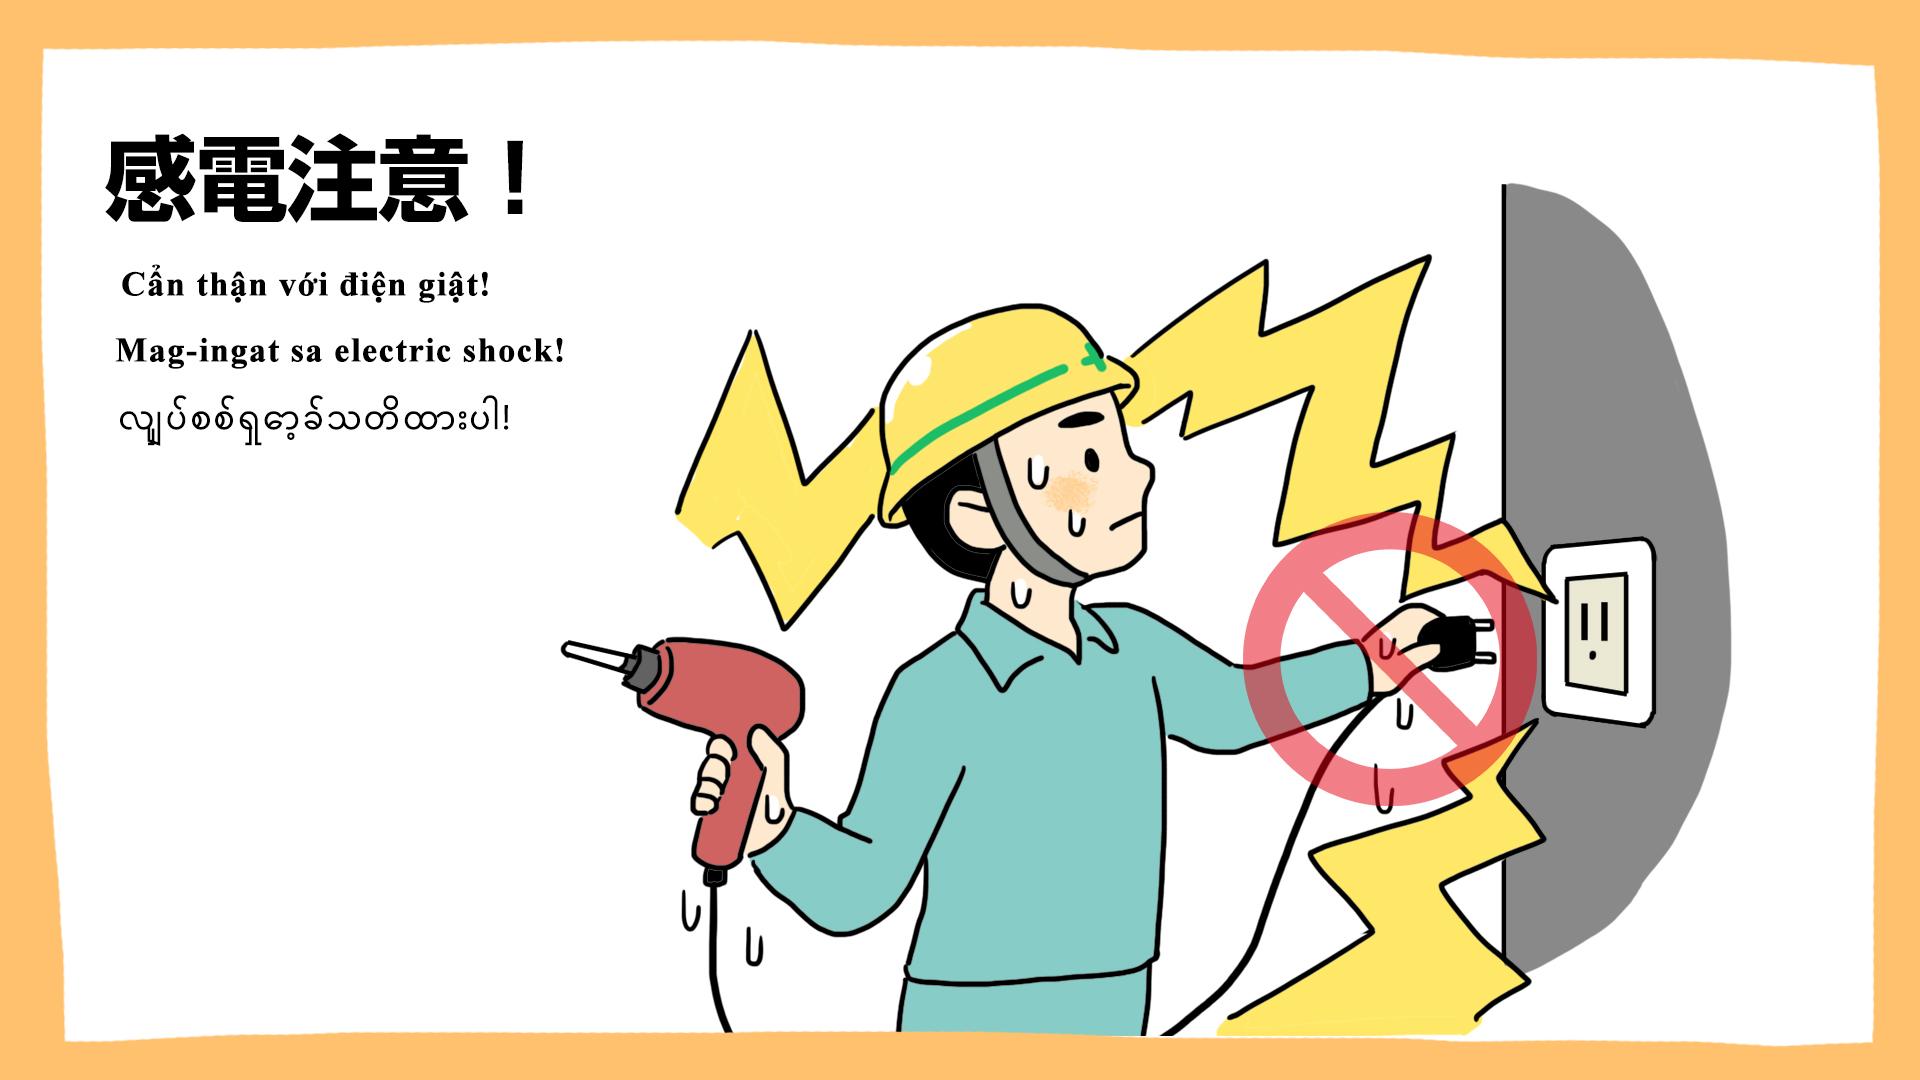 感電注意!汗で濡れた手でコンセントを触らないで!